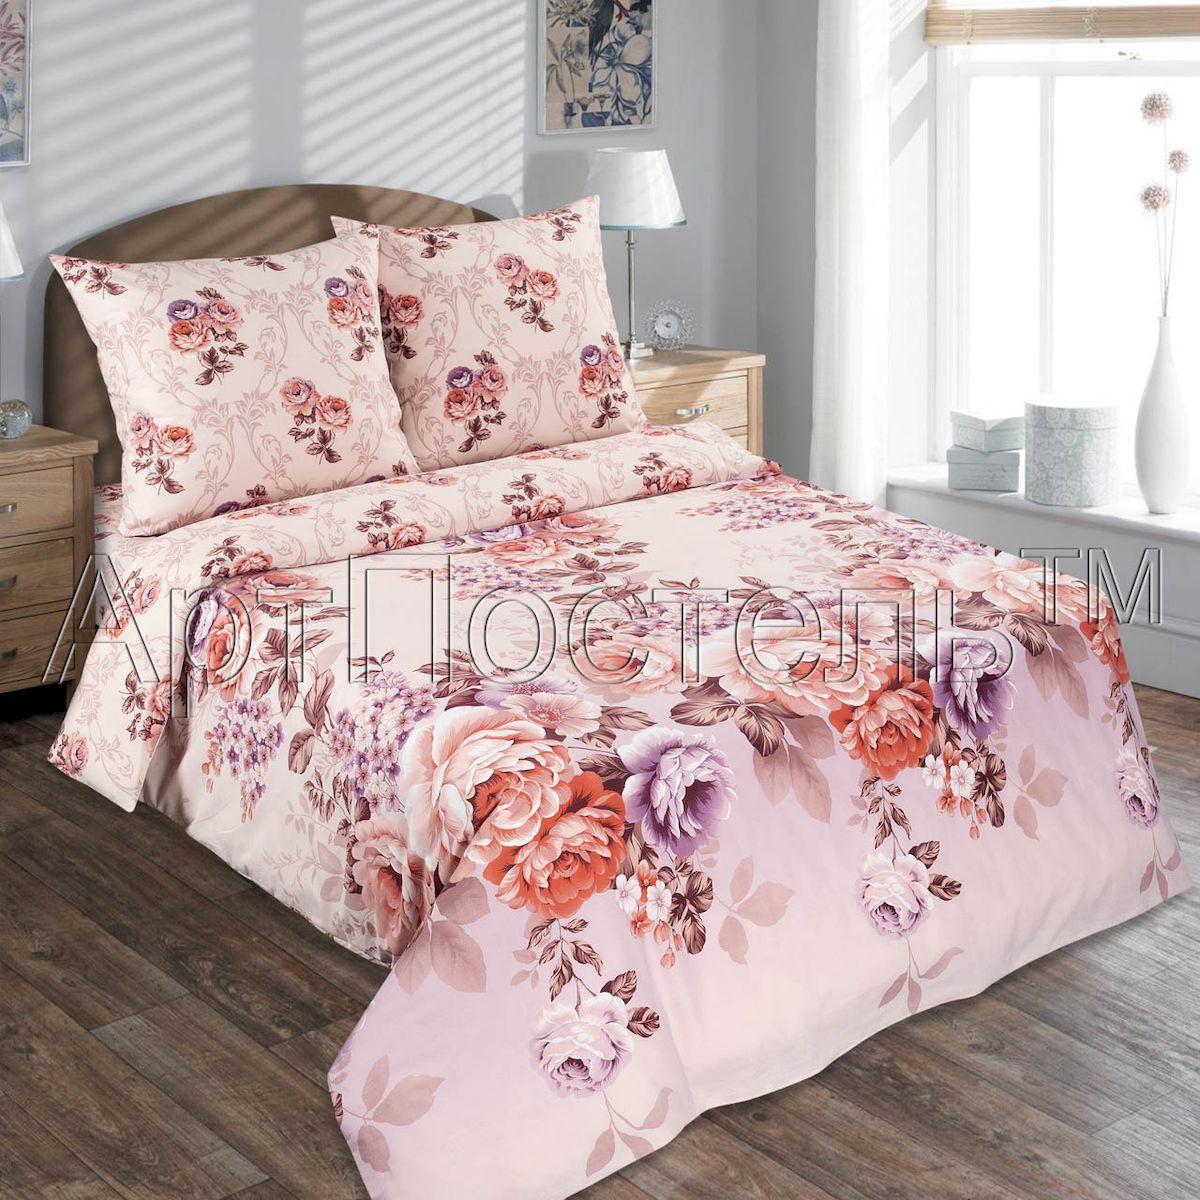 Комплект белья АртПостель Карамельная роза, 1,5 спальный, наволочки 70x70900Комплект постельного белья АртПостель Карамельная роза выполнен из поплина высочайшего качества. Комплект состоит из пододеяльника, простыни и двух наволочек. Постельное белье с ярким дизайном, имеет изысканный внешний вид. Благодаря такому комплекту постельного белья вы сможете создать атмосферу роскоши и романтики в вашей спальне.